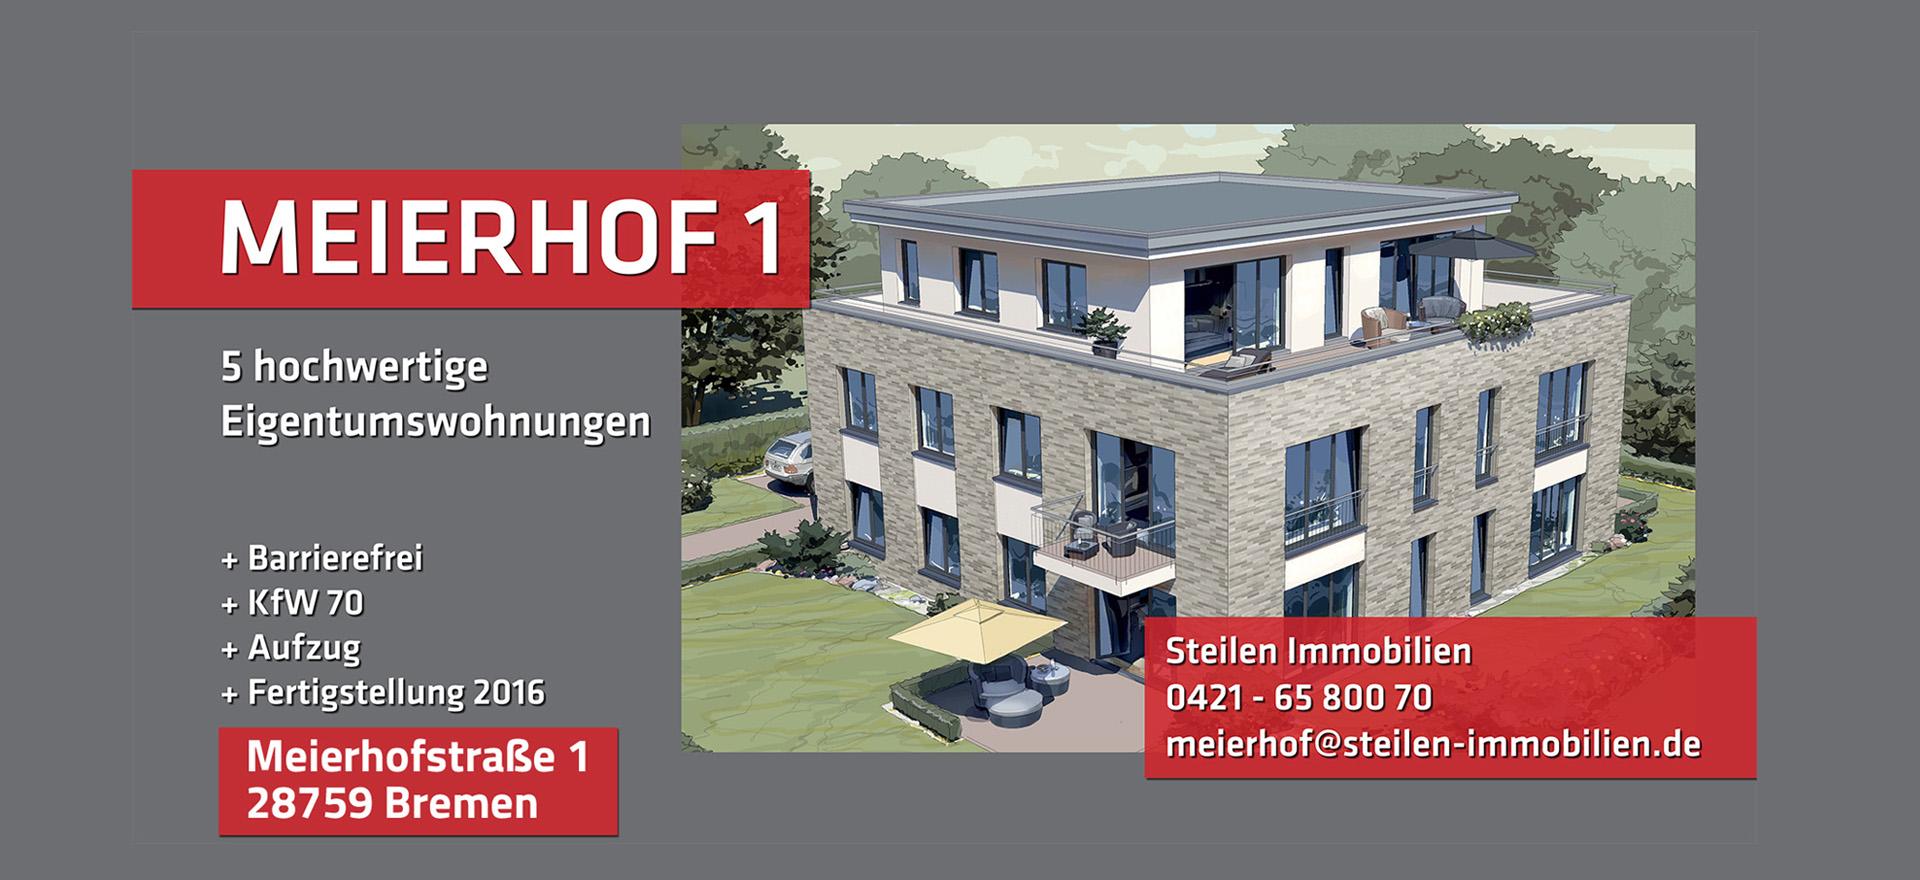 Steilen-Immobilien Meierhof1, Bremen